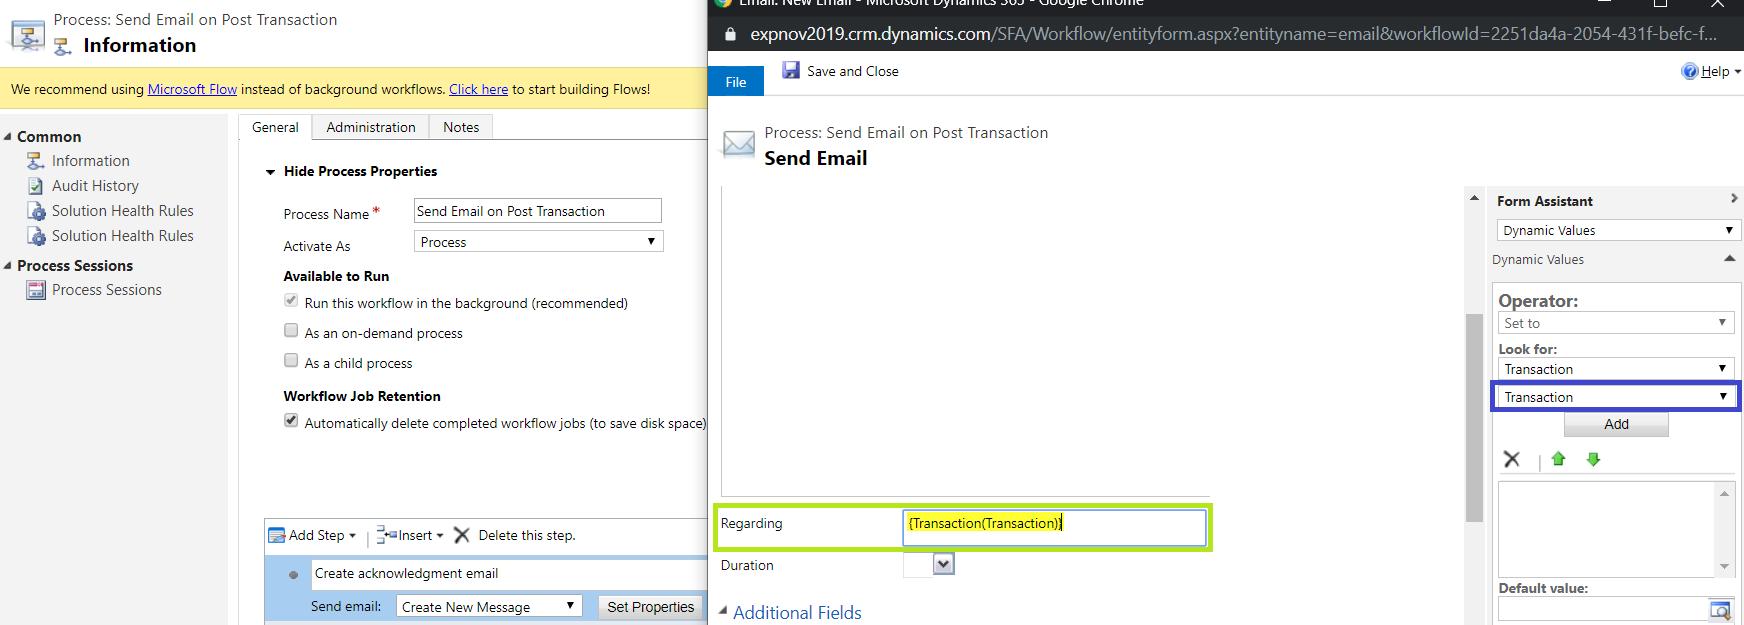 SendMail_3